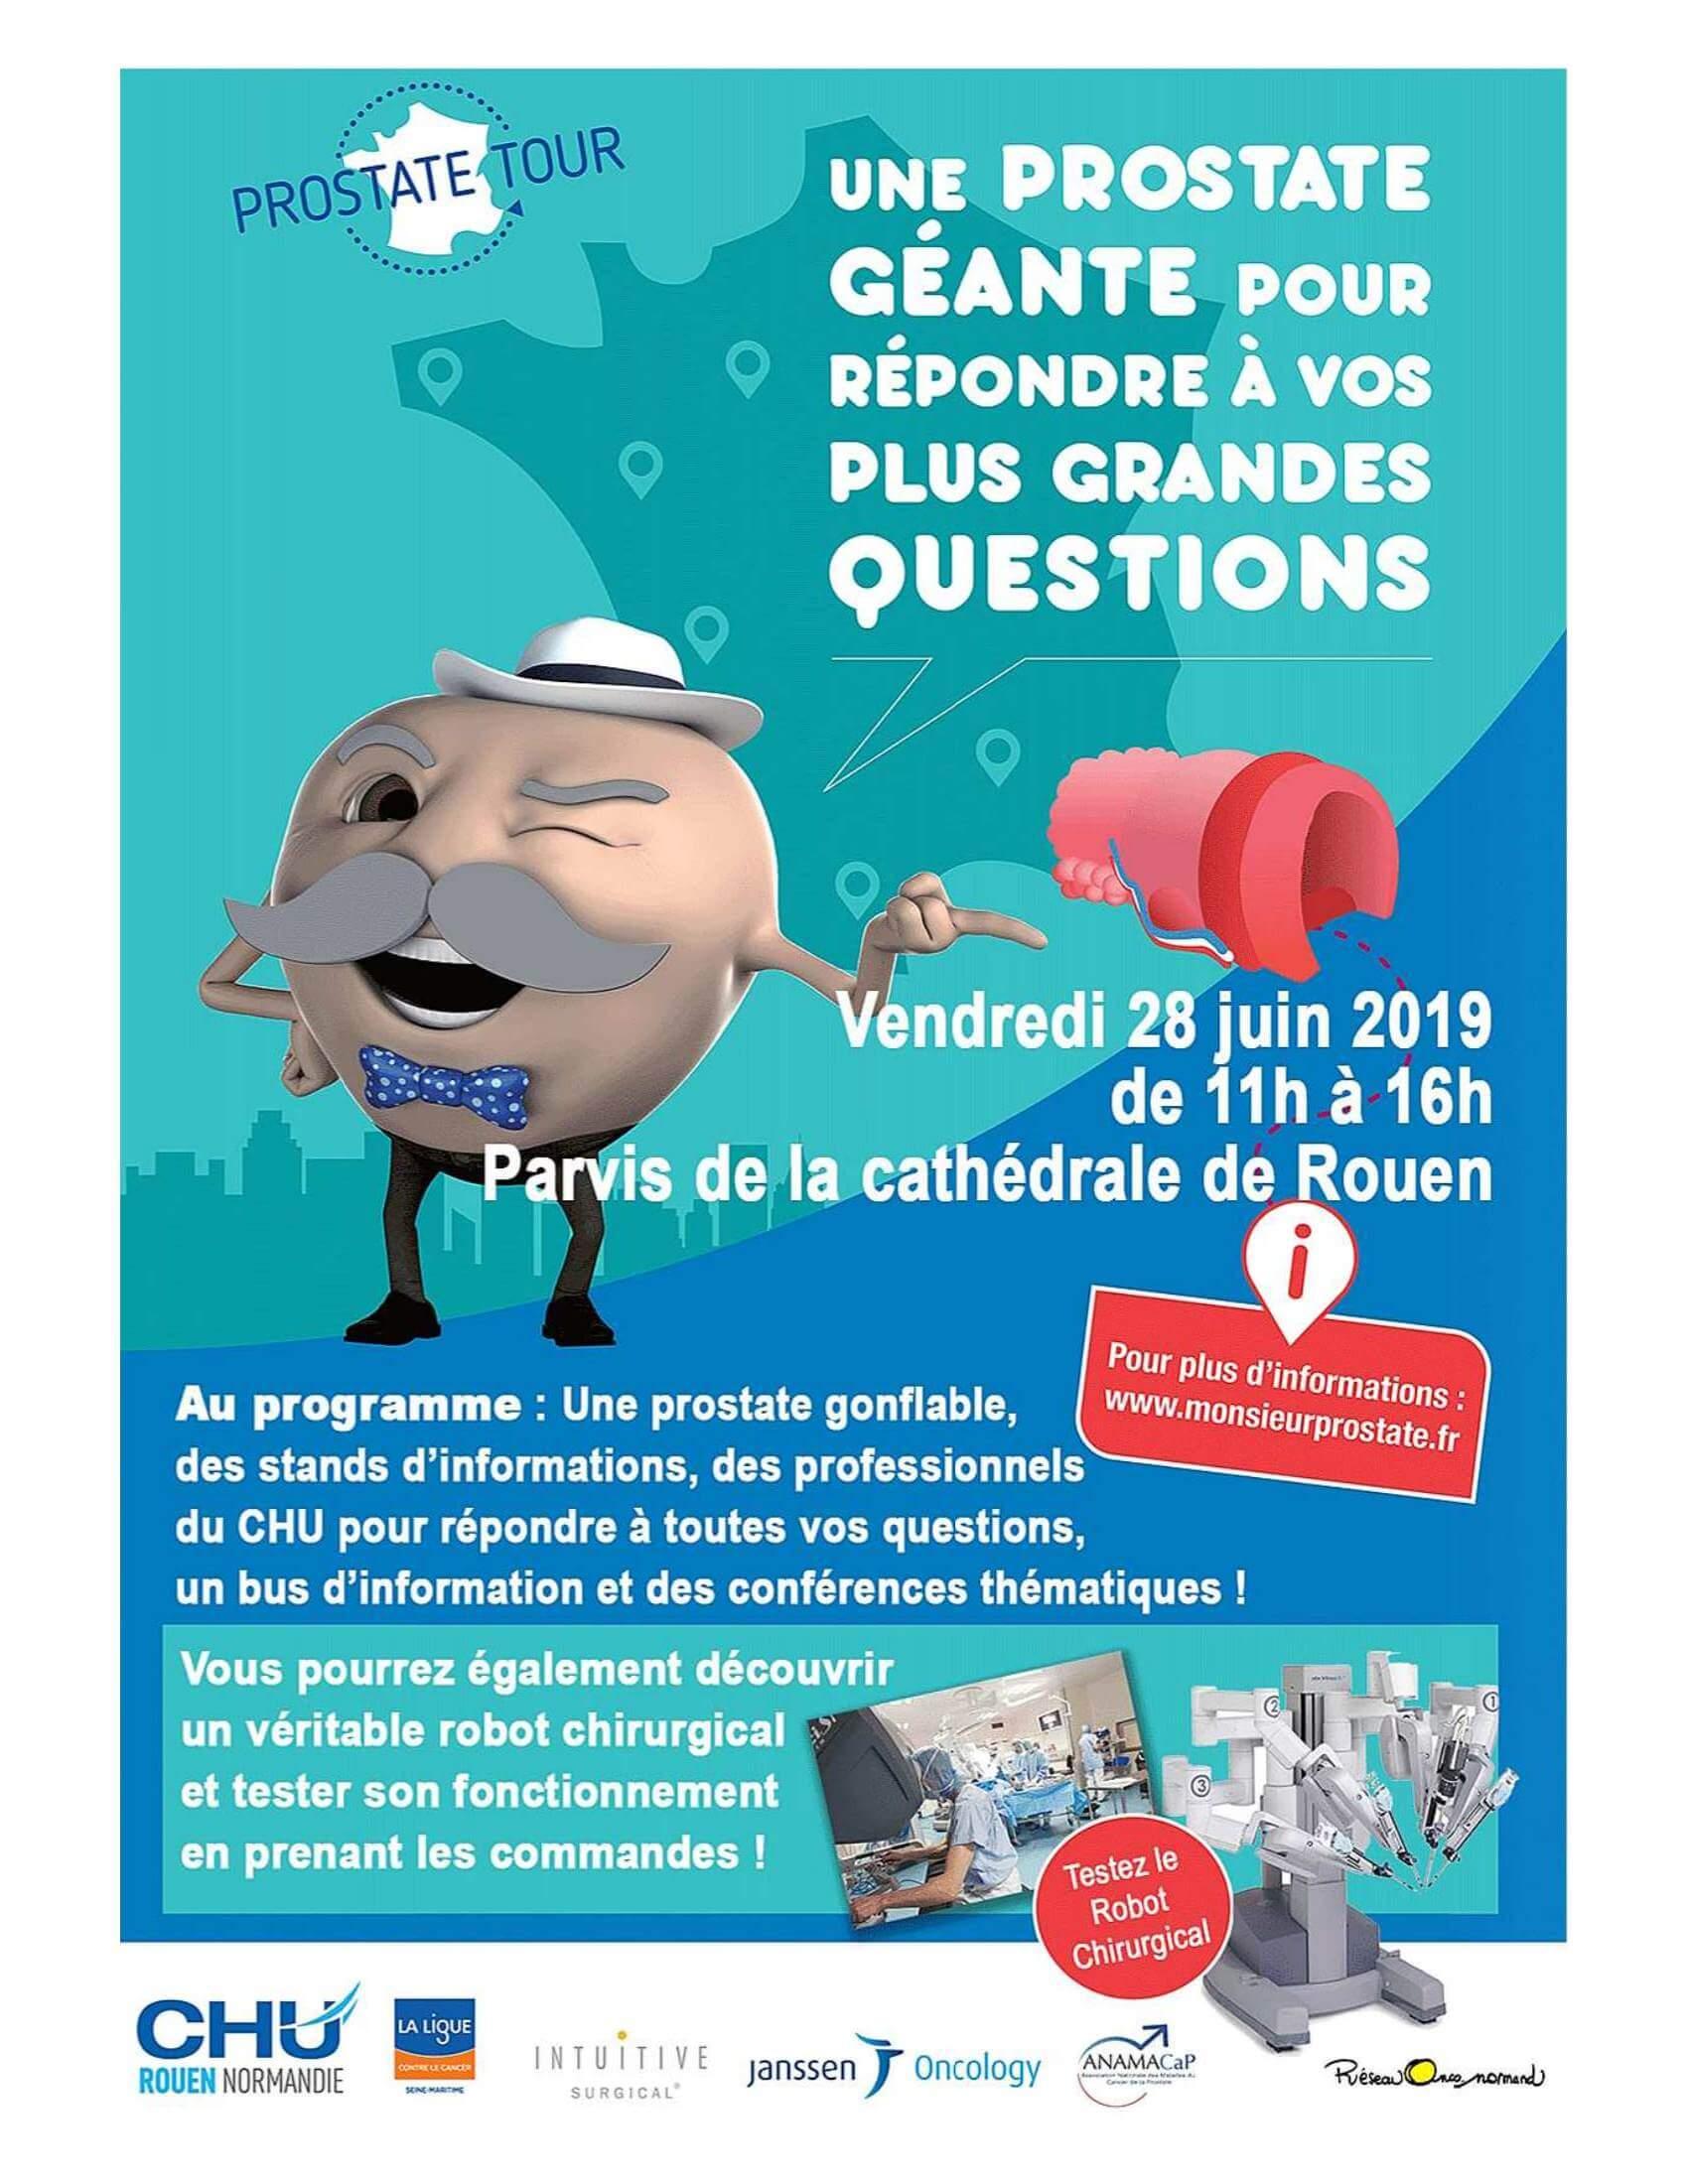 Journée d'information sur la prostate à Rouen